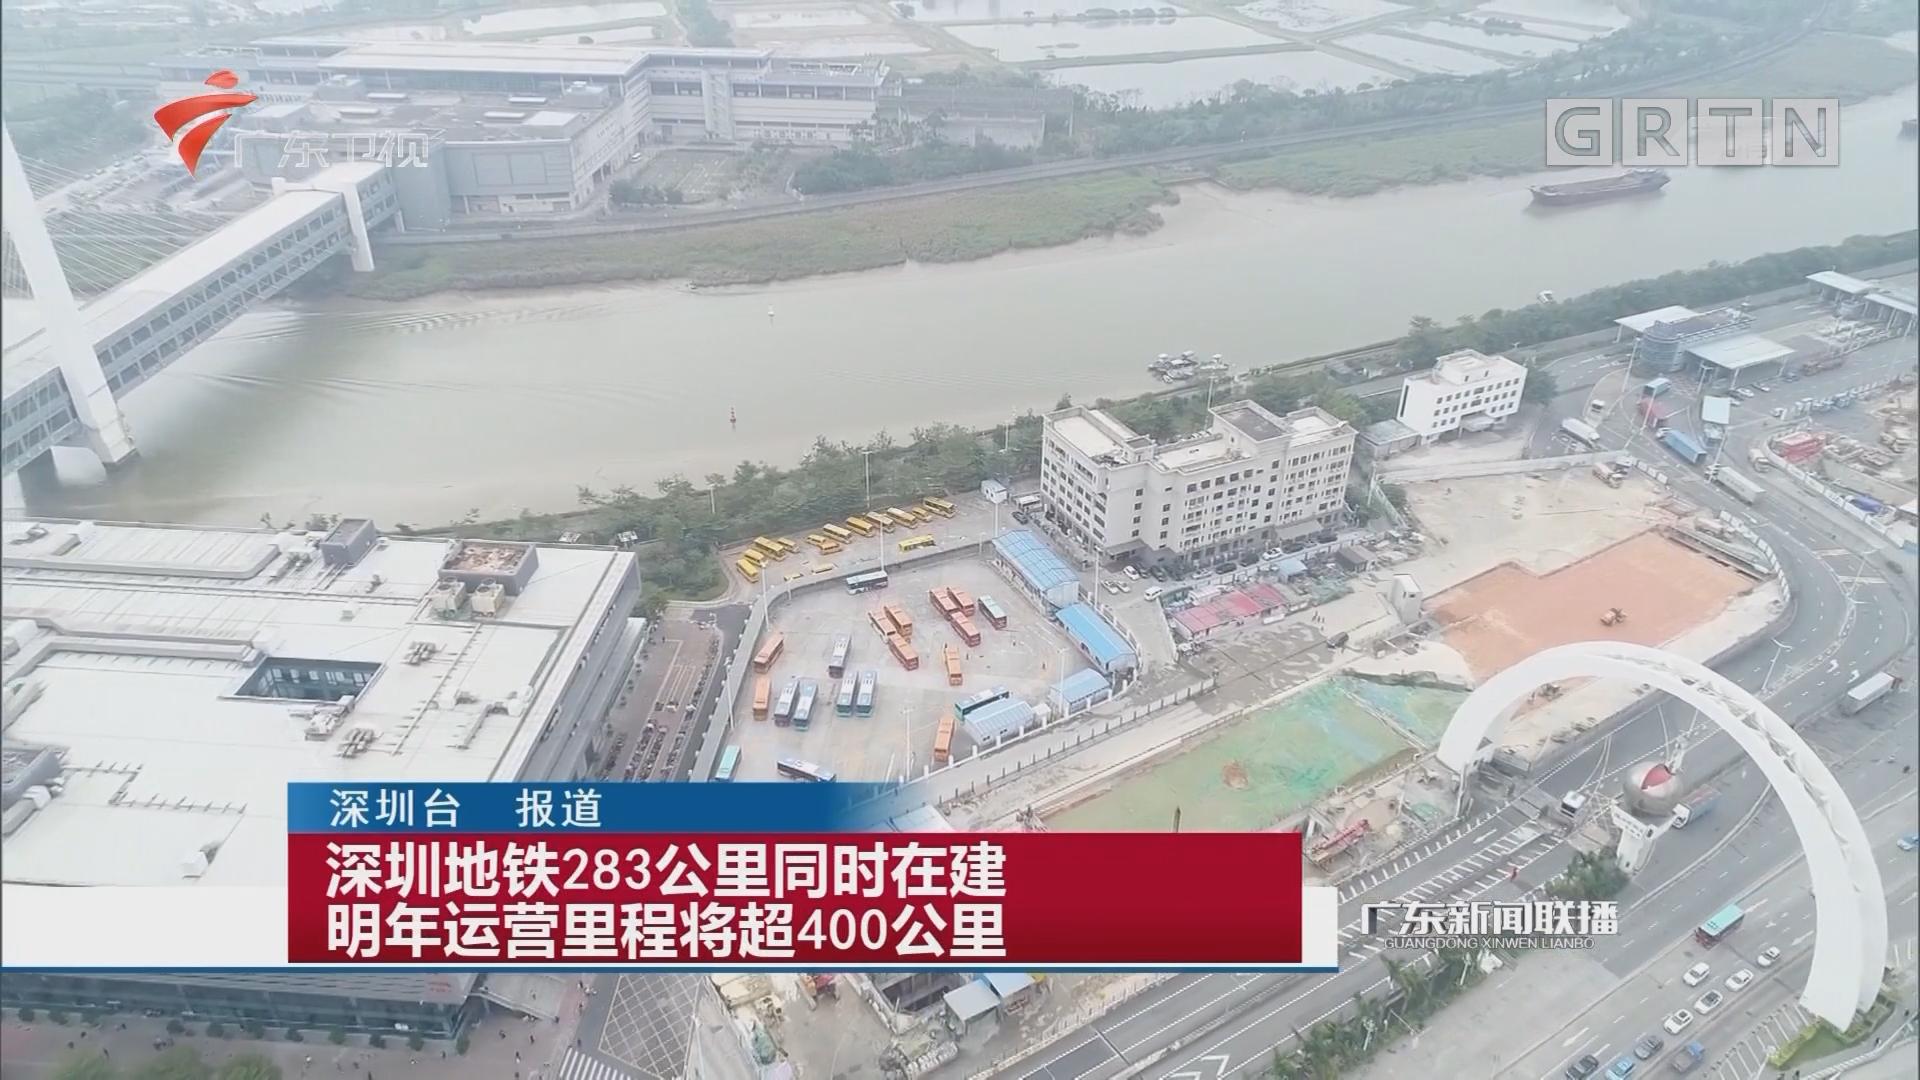 深圳地铁283公里同时在建 明年运营里程将超400公里